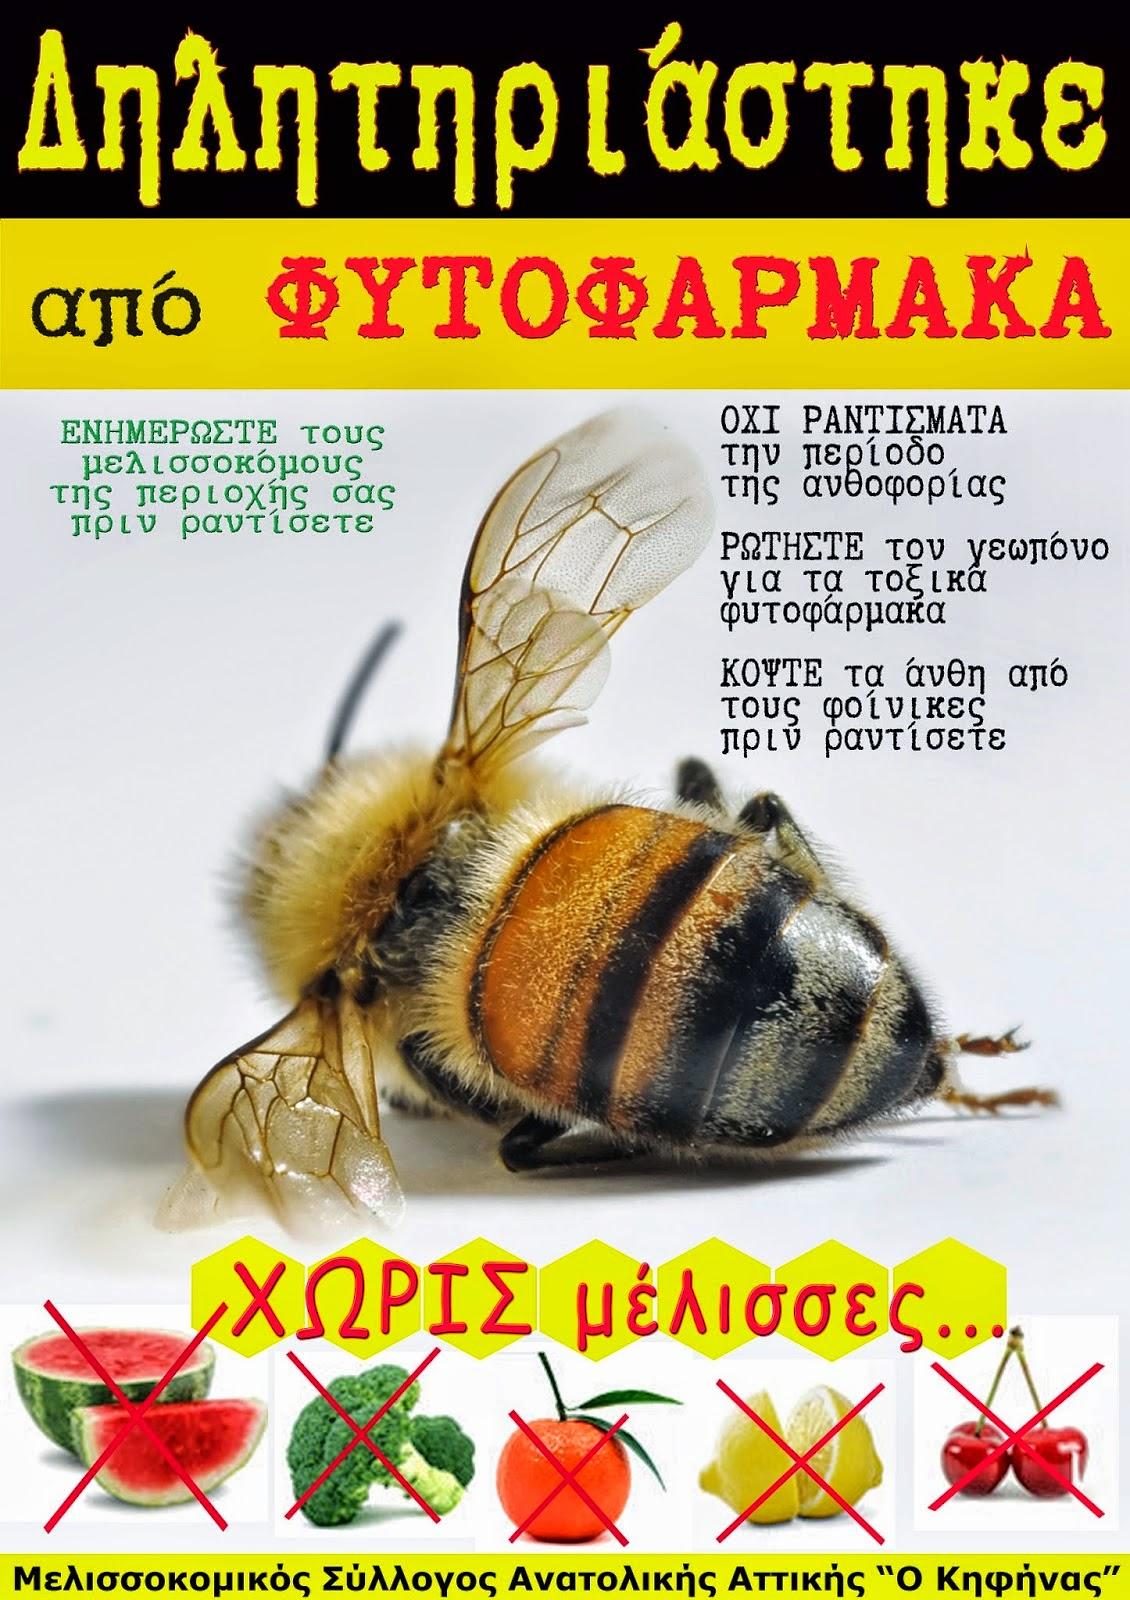 Μέλισσα και φυτοφάρμακα